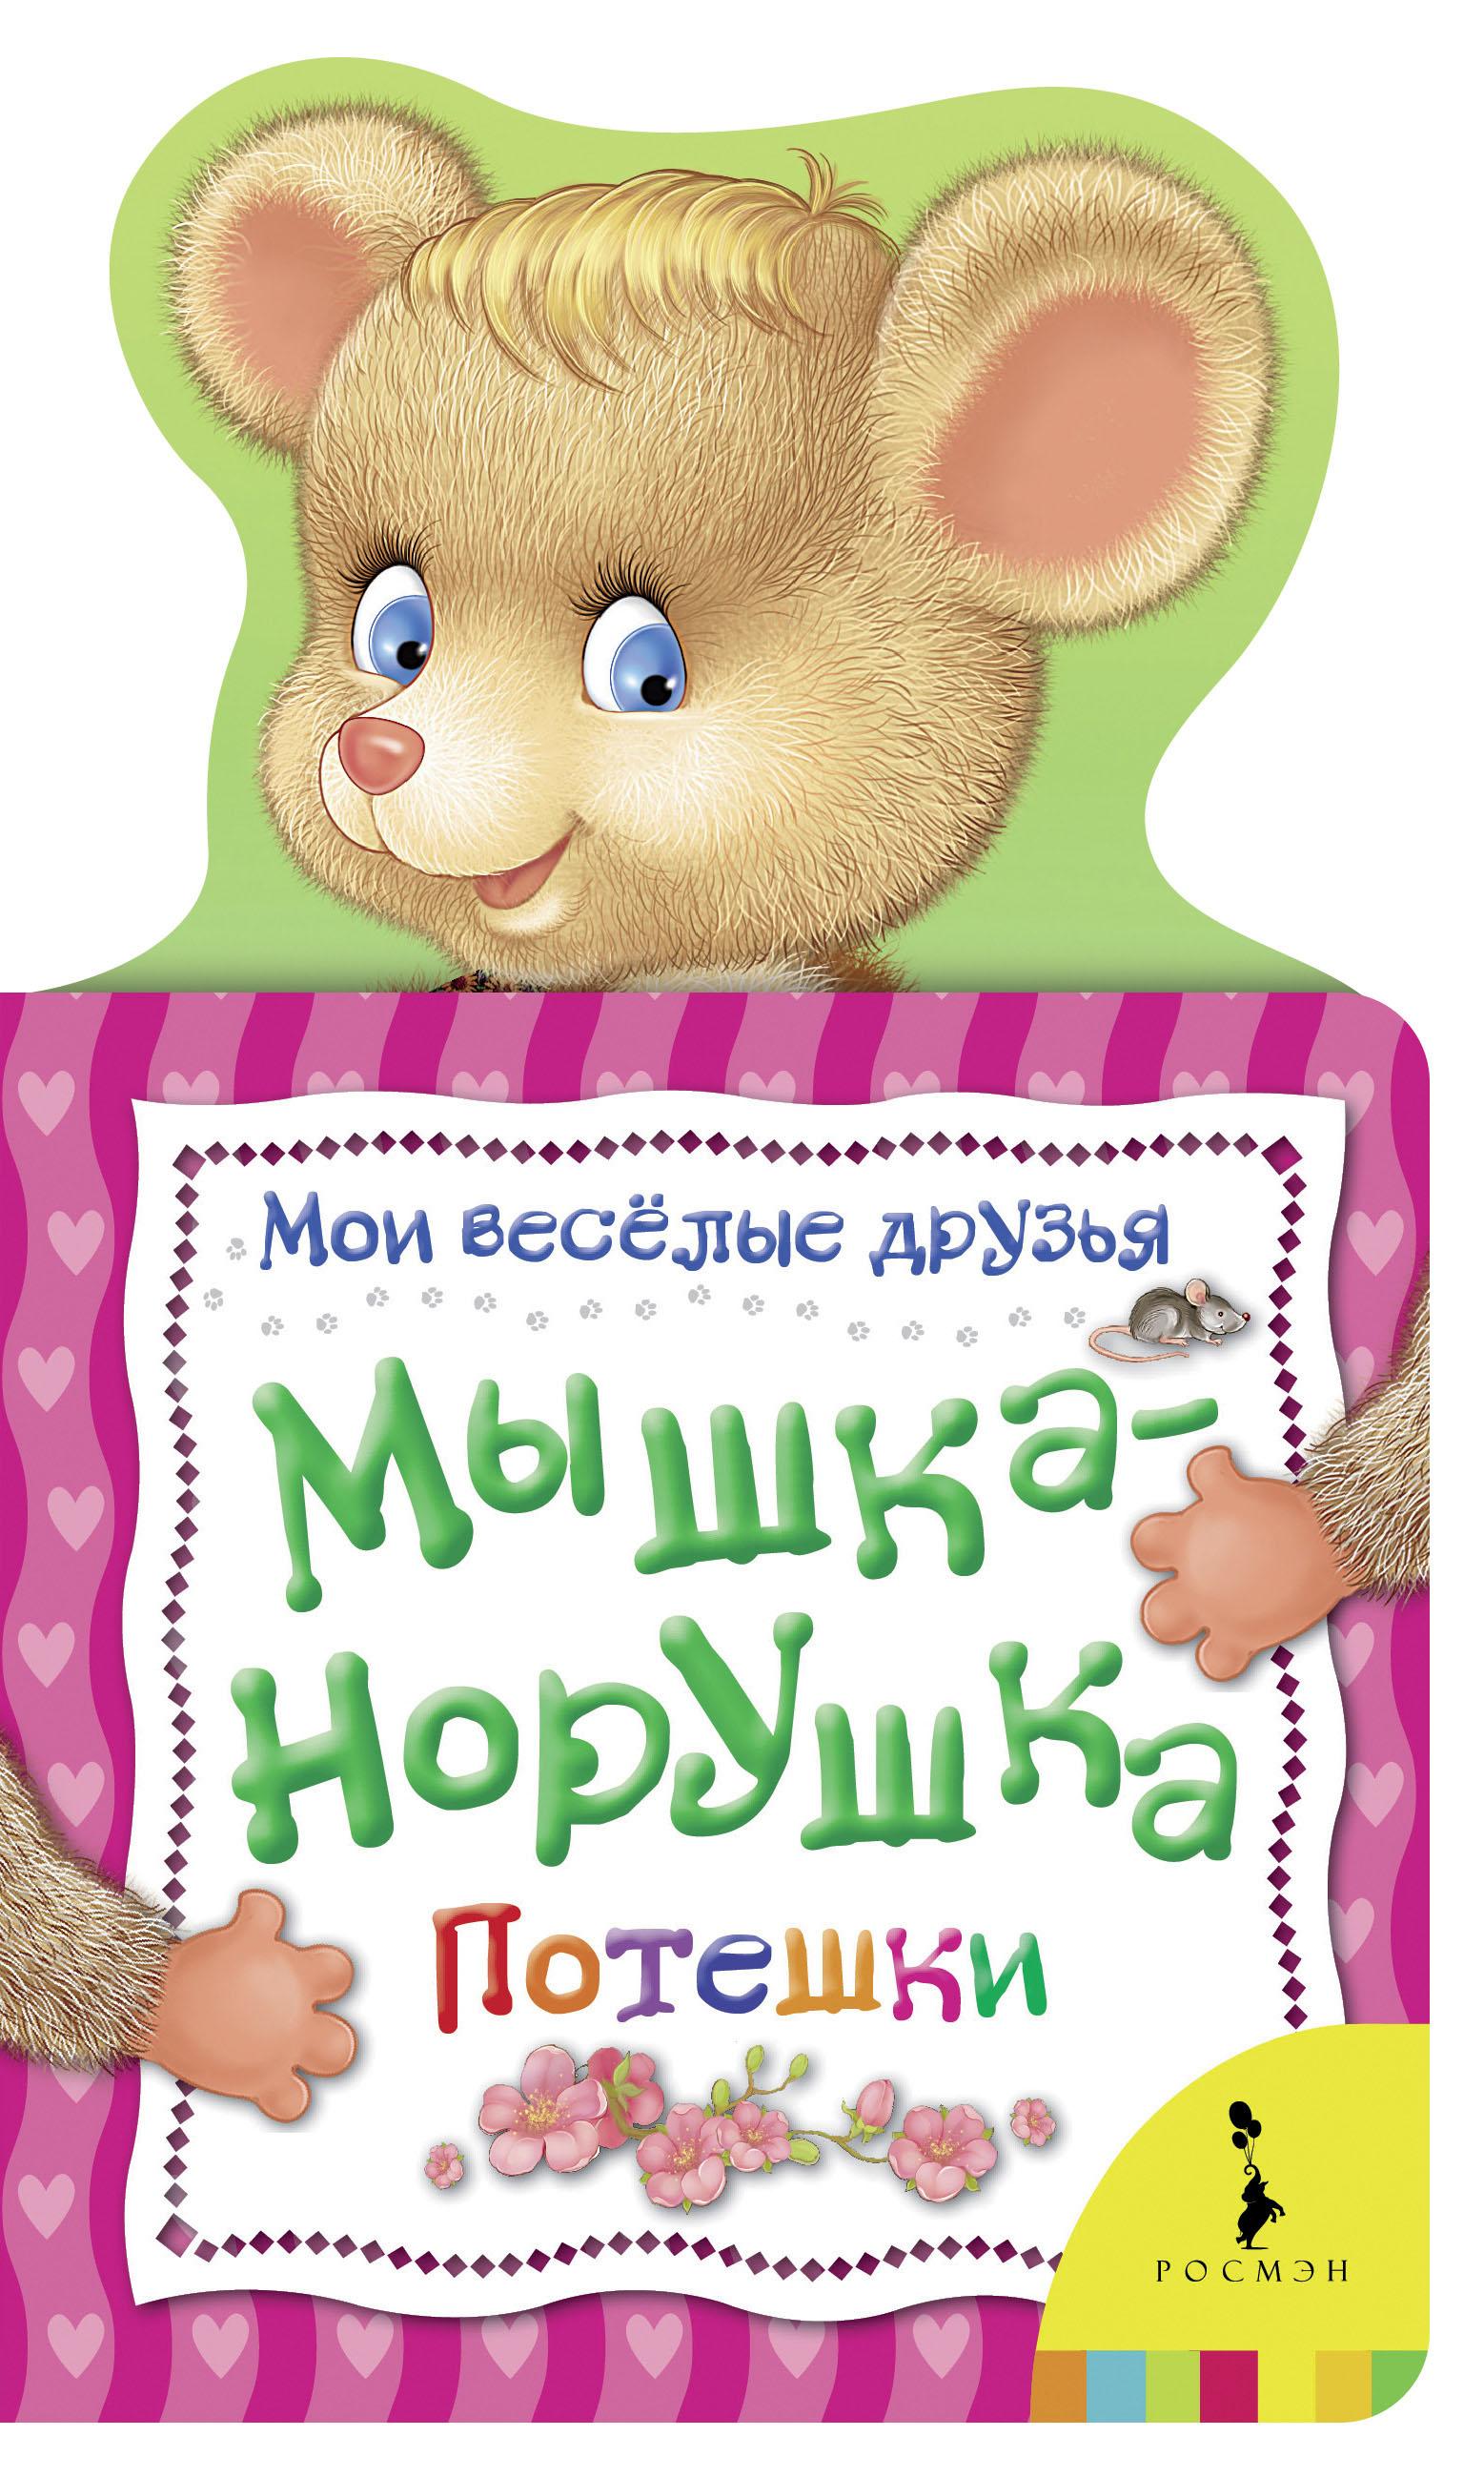 Мазанова Е. К. Мышка-норушка (Мои веселые друзья) (рос) коротеева е веселые друзья фантики аппликация из фантиков